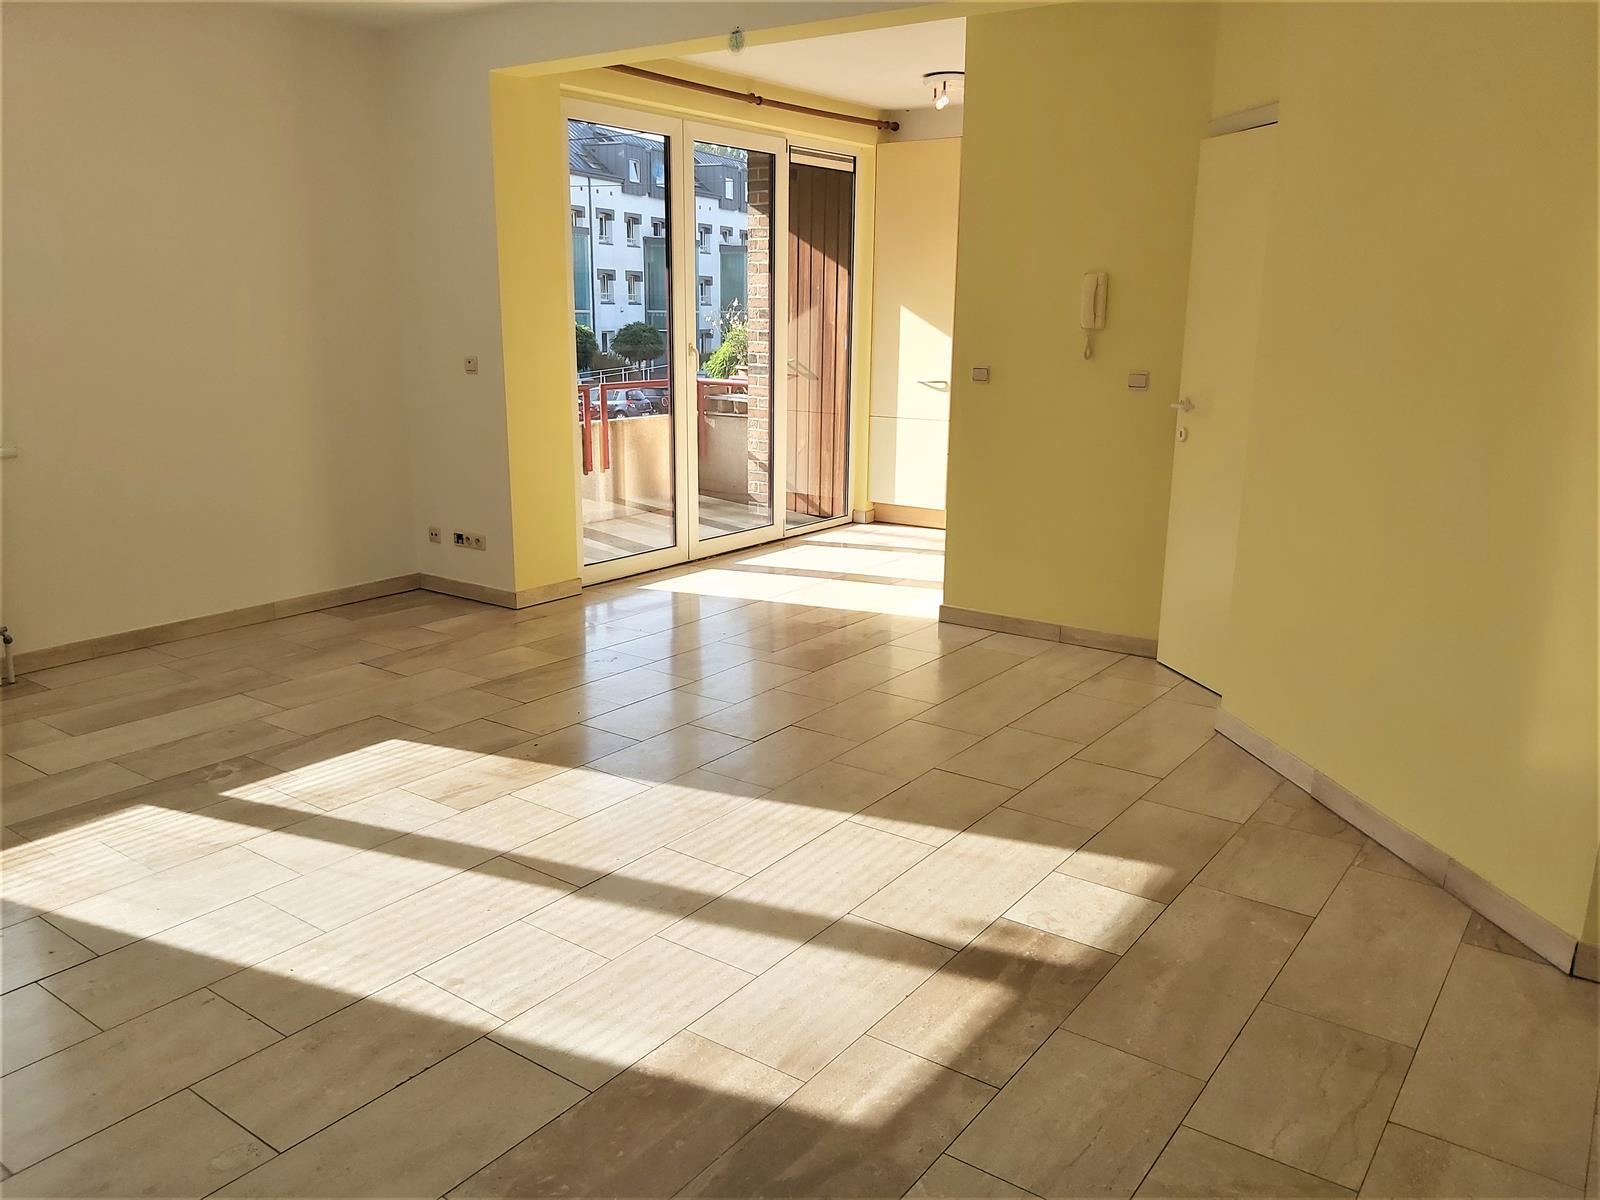 Appartement - Ottignies-Louvain-la-Neuve - #4498228-1